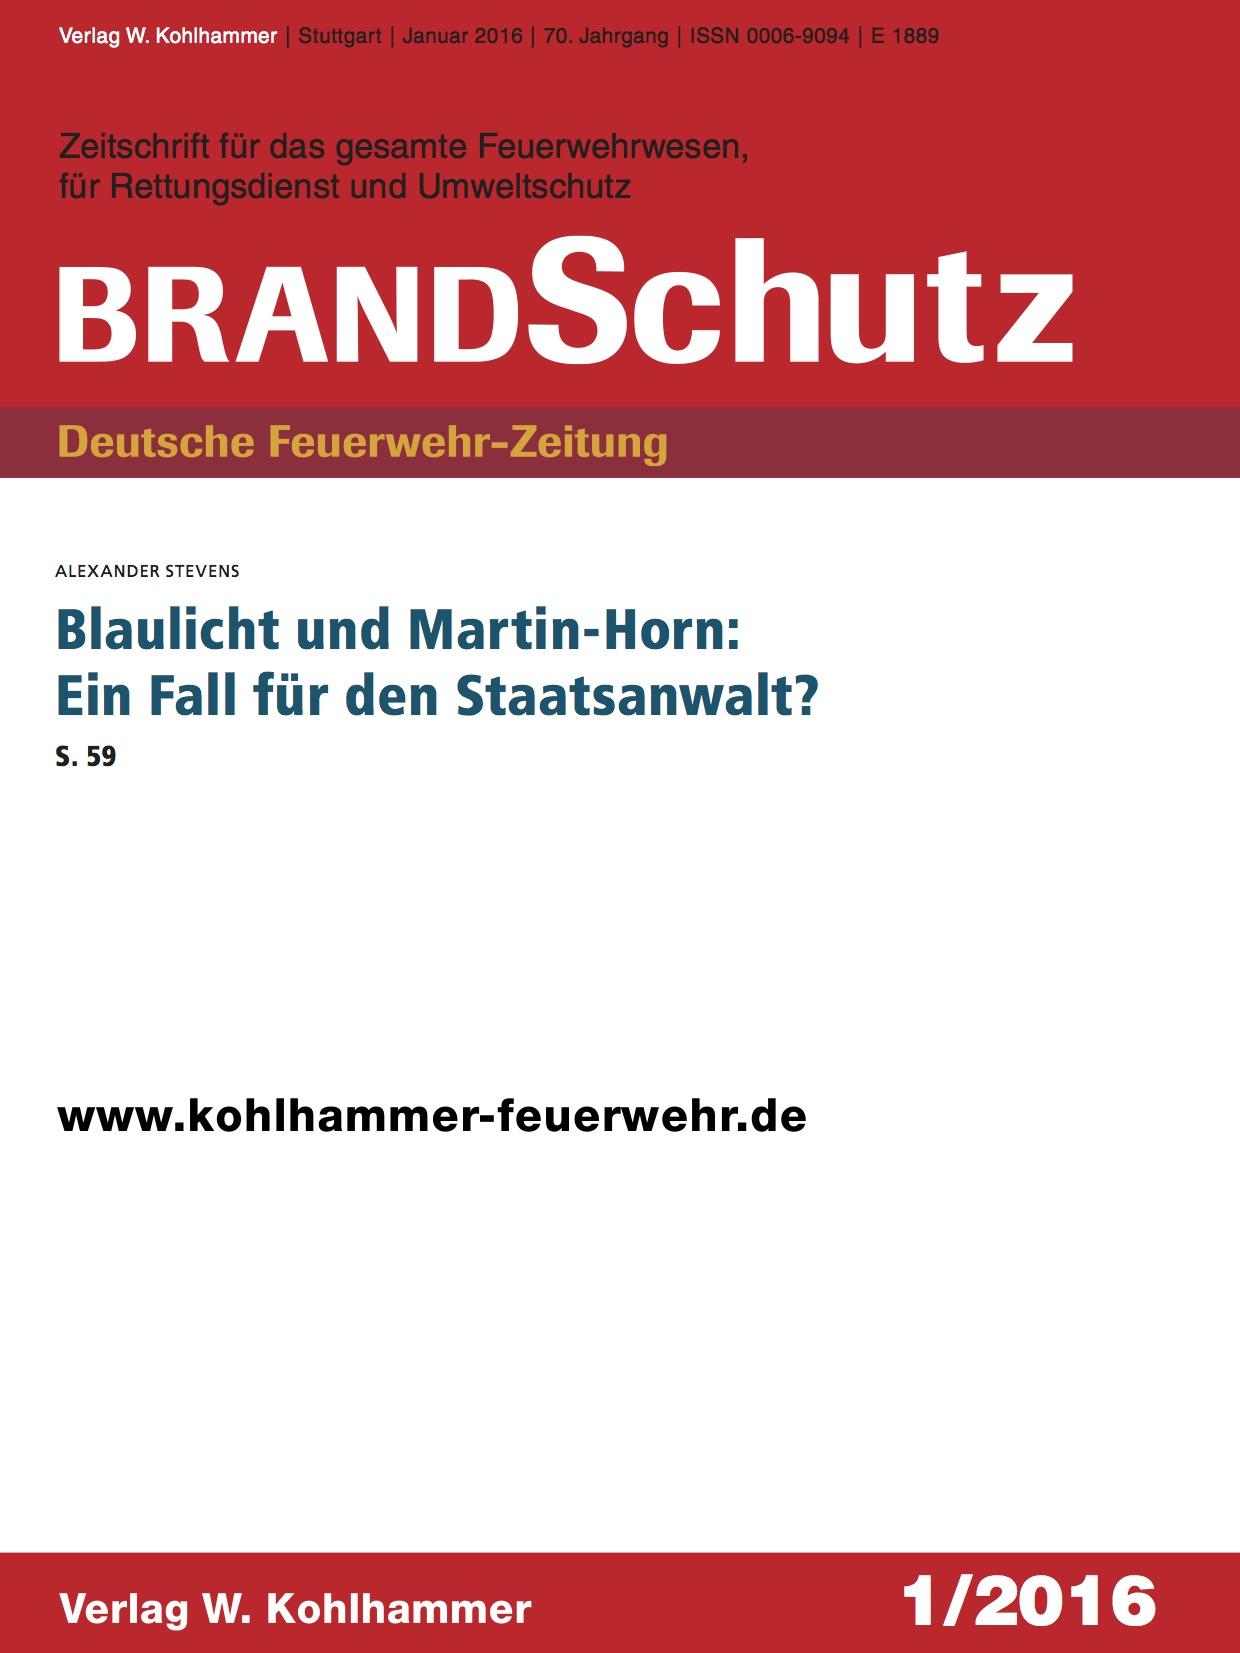 Blaulicht-Brandschutz | Dr. Alexander Stevens Strafverteidiger München | Anwalt für Strafrecht München | Fachanwalt für Strafrecht München